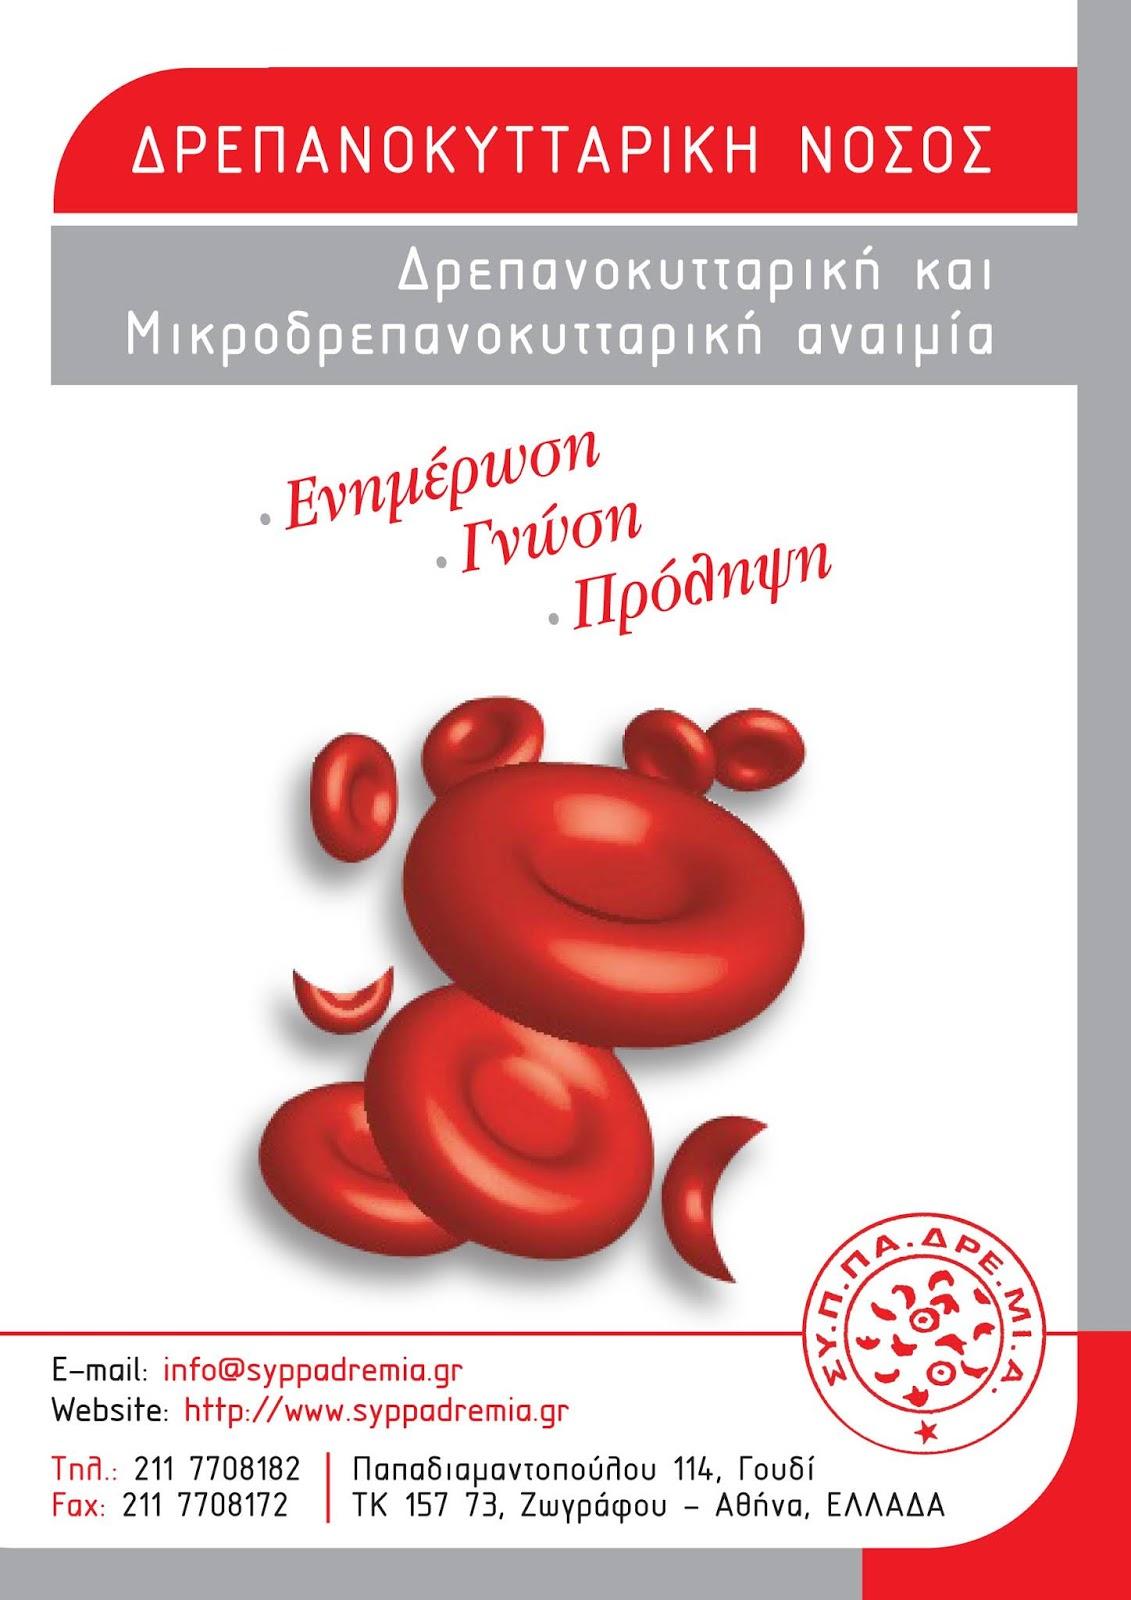 Δρεπανοκυτταρική νόσος και dating